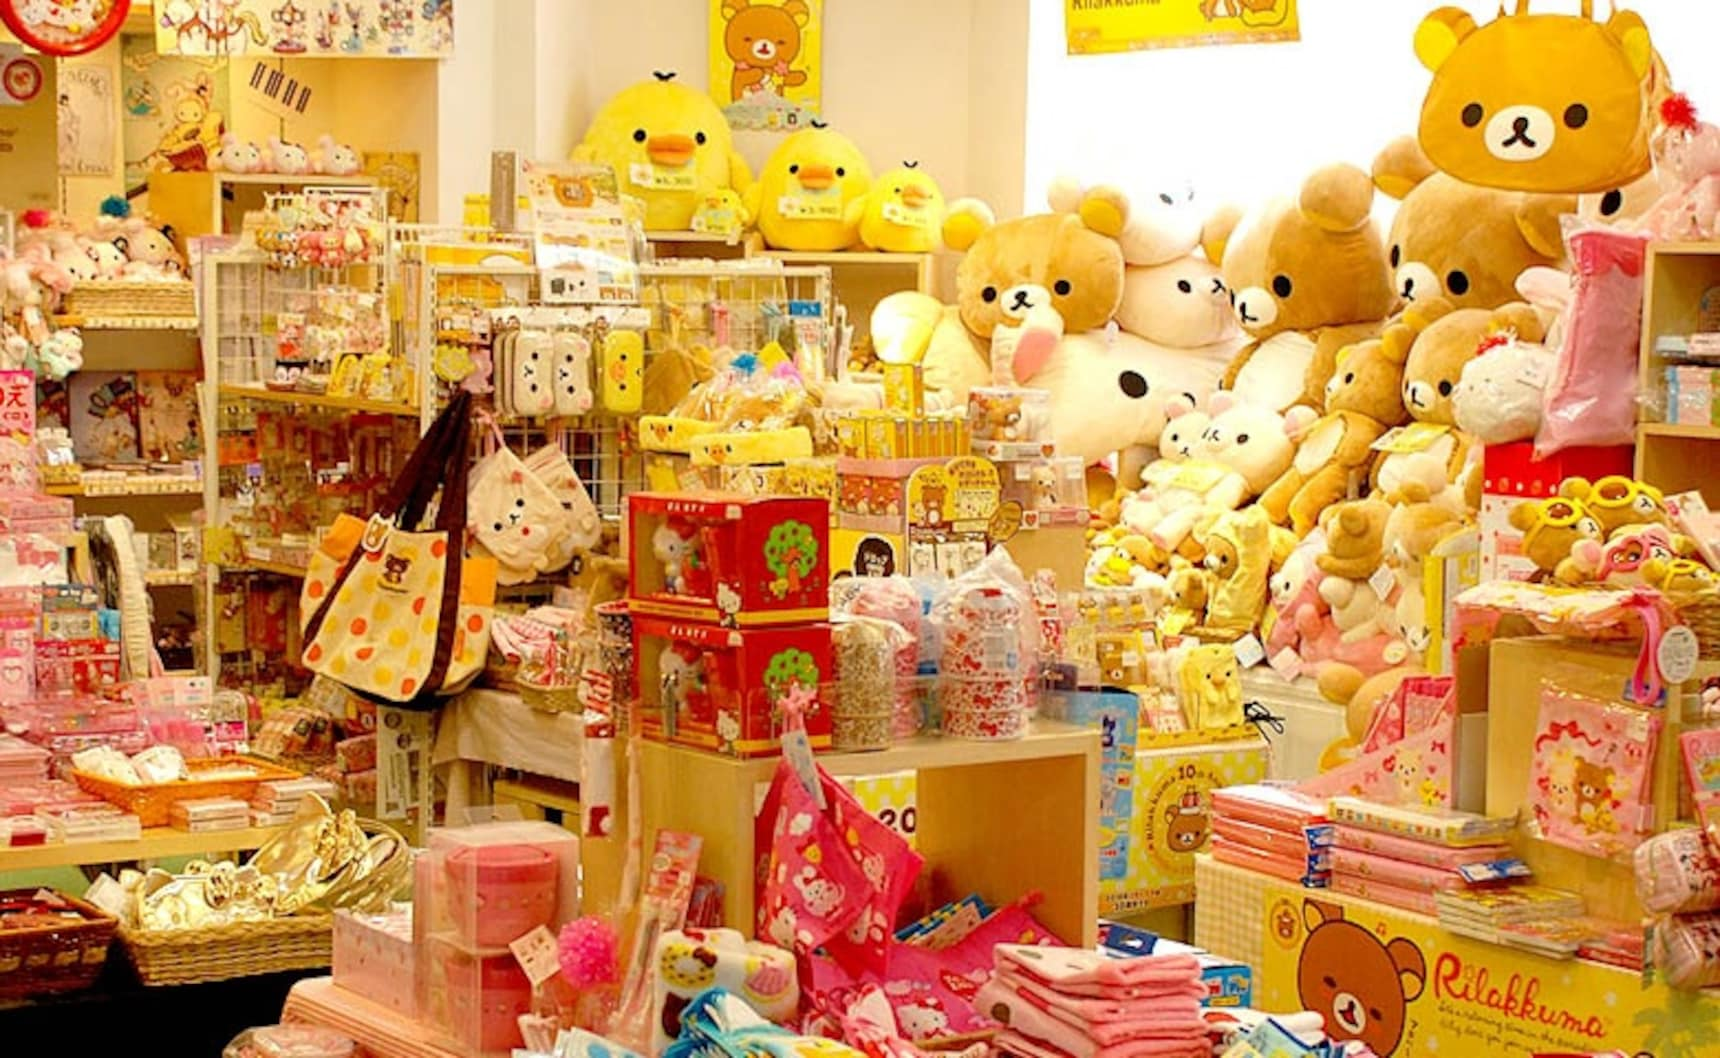 6 ร้านขายของเล่นเก๋ๆในละแวกโตเกียว